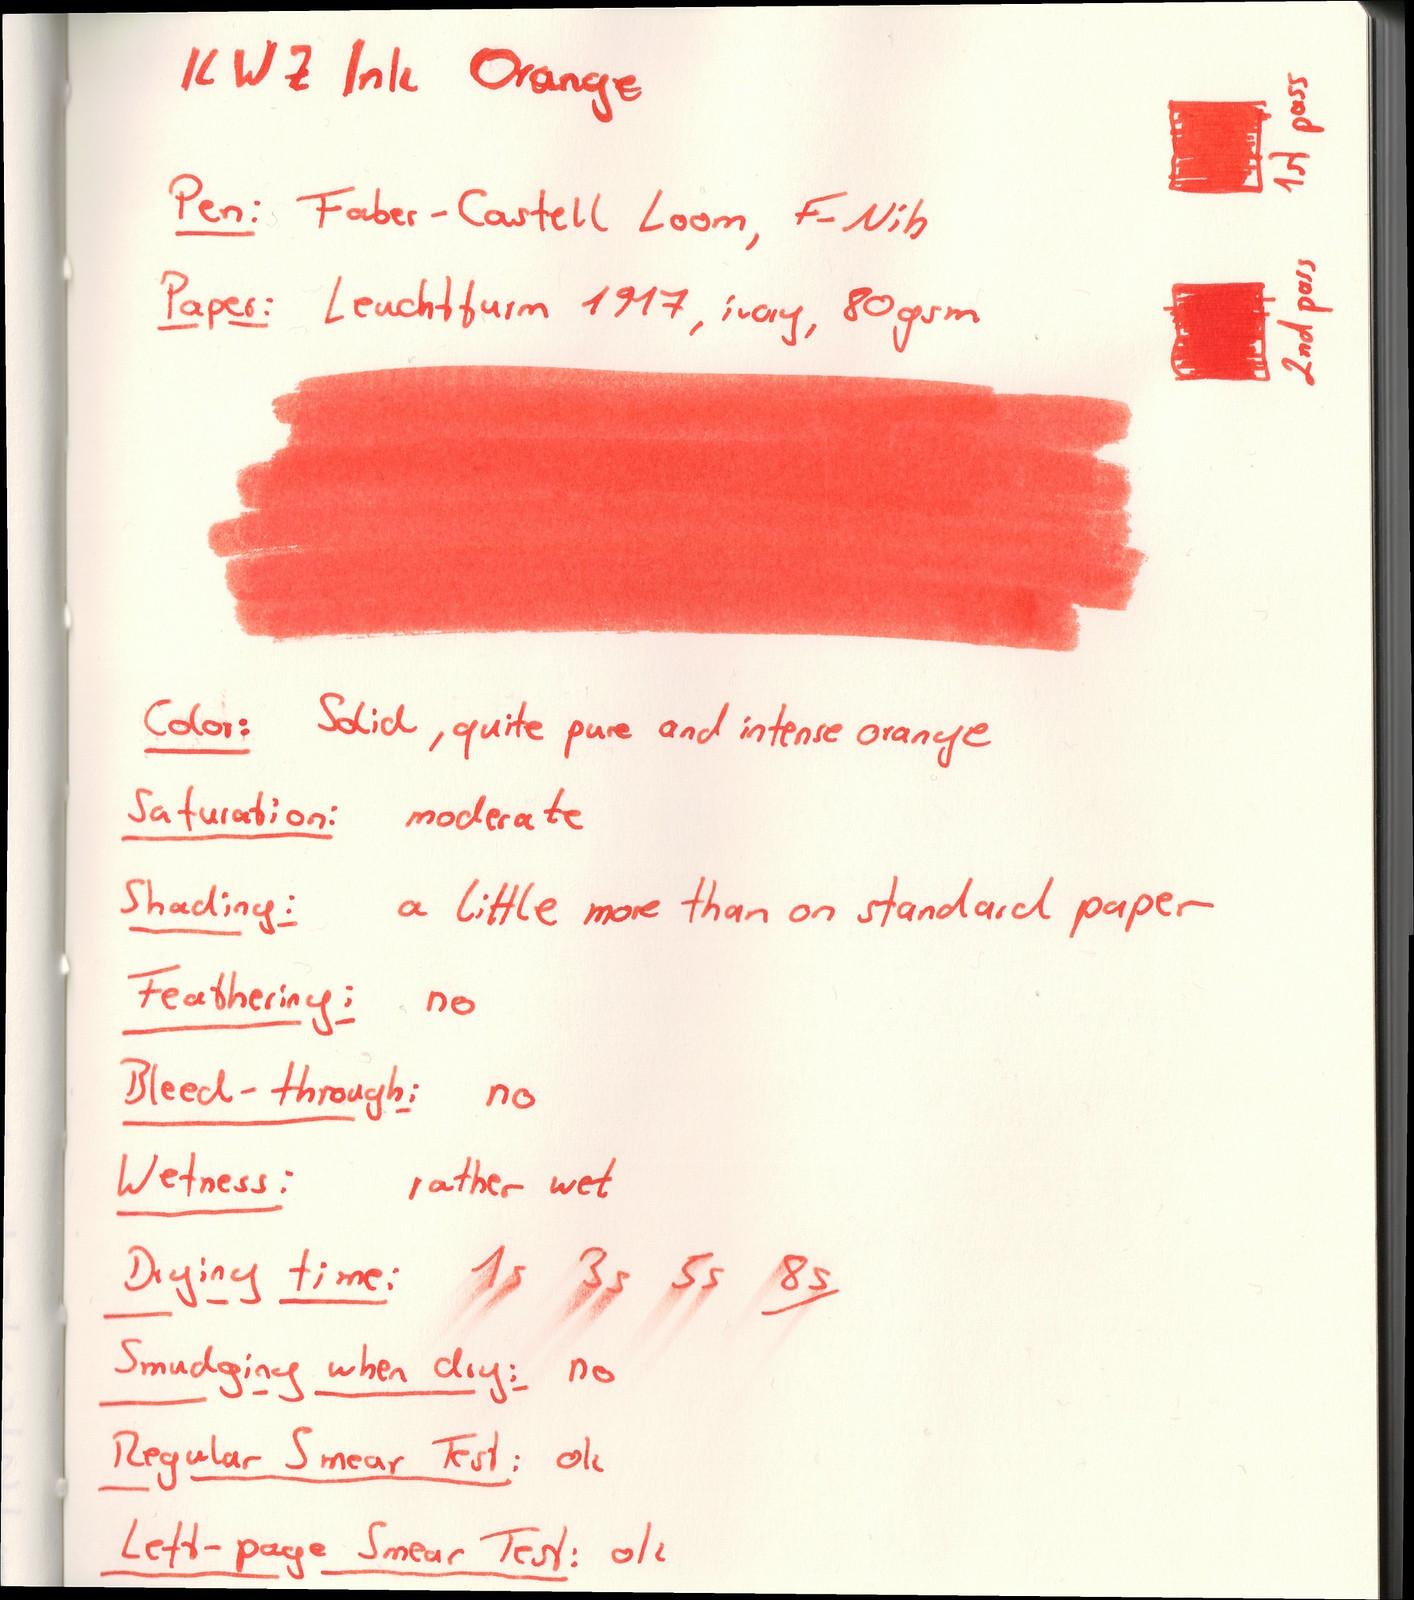 KWZ Ink Orange on Leuchtturm paper